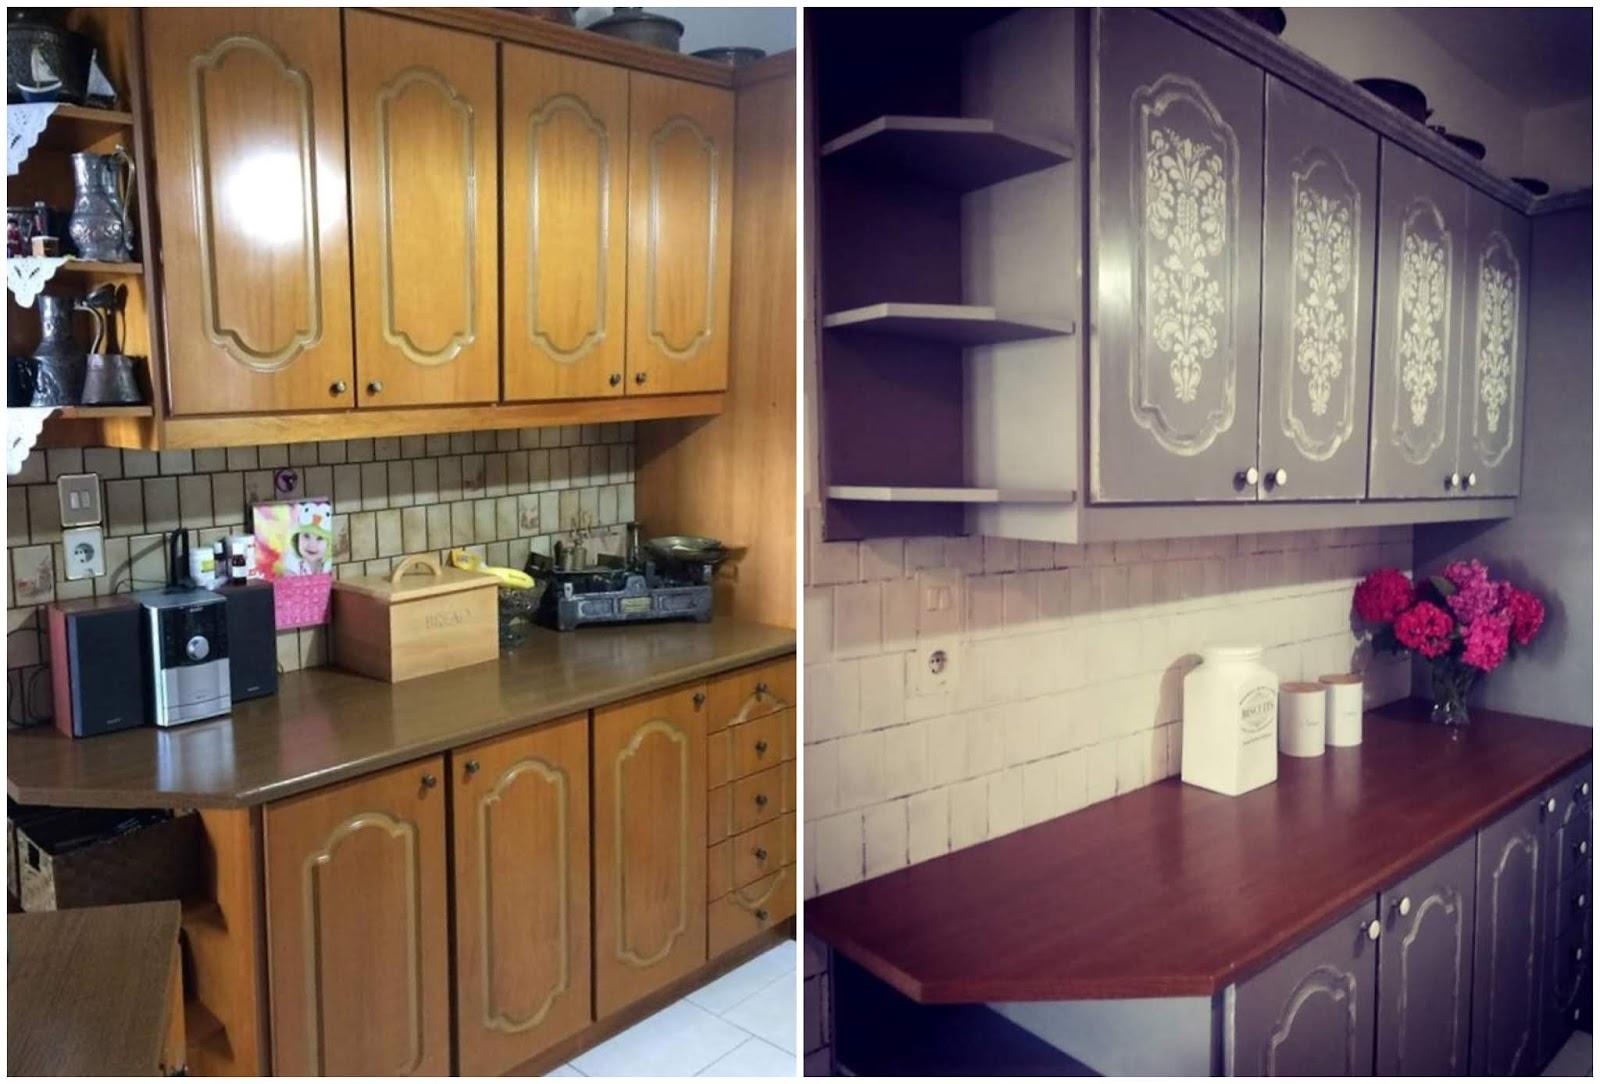 Αφιέρωμα: Κουζίνα! Έλα στην κουζίνα, βάζω καφέ! 10 Annie Sloan Greece